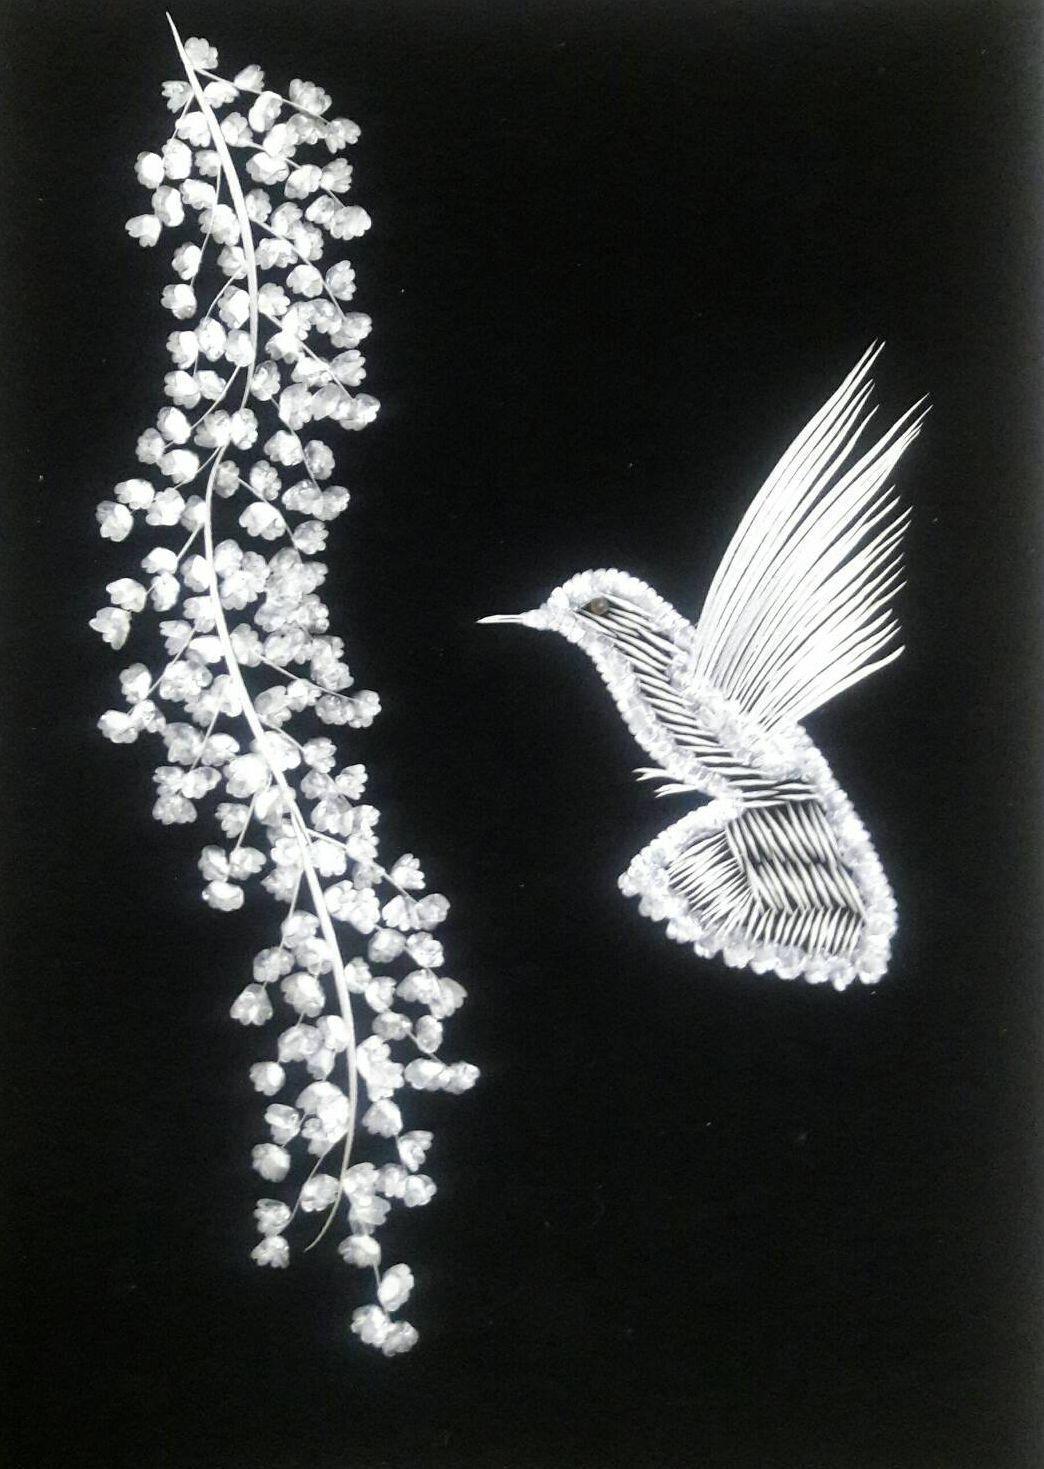 孫銘生正在日月潭邵族遊客中心登展的魚骨畫作「鳥語花香」。 圖/孫銘生提供